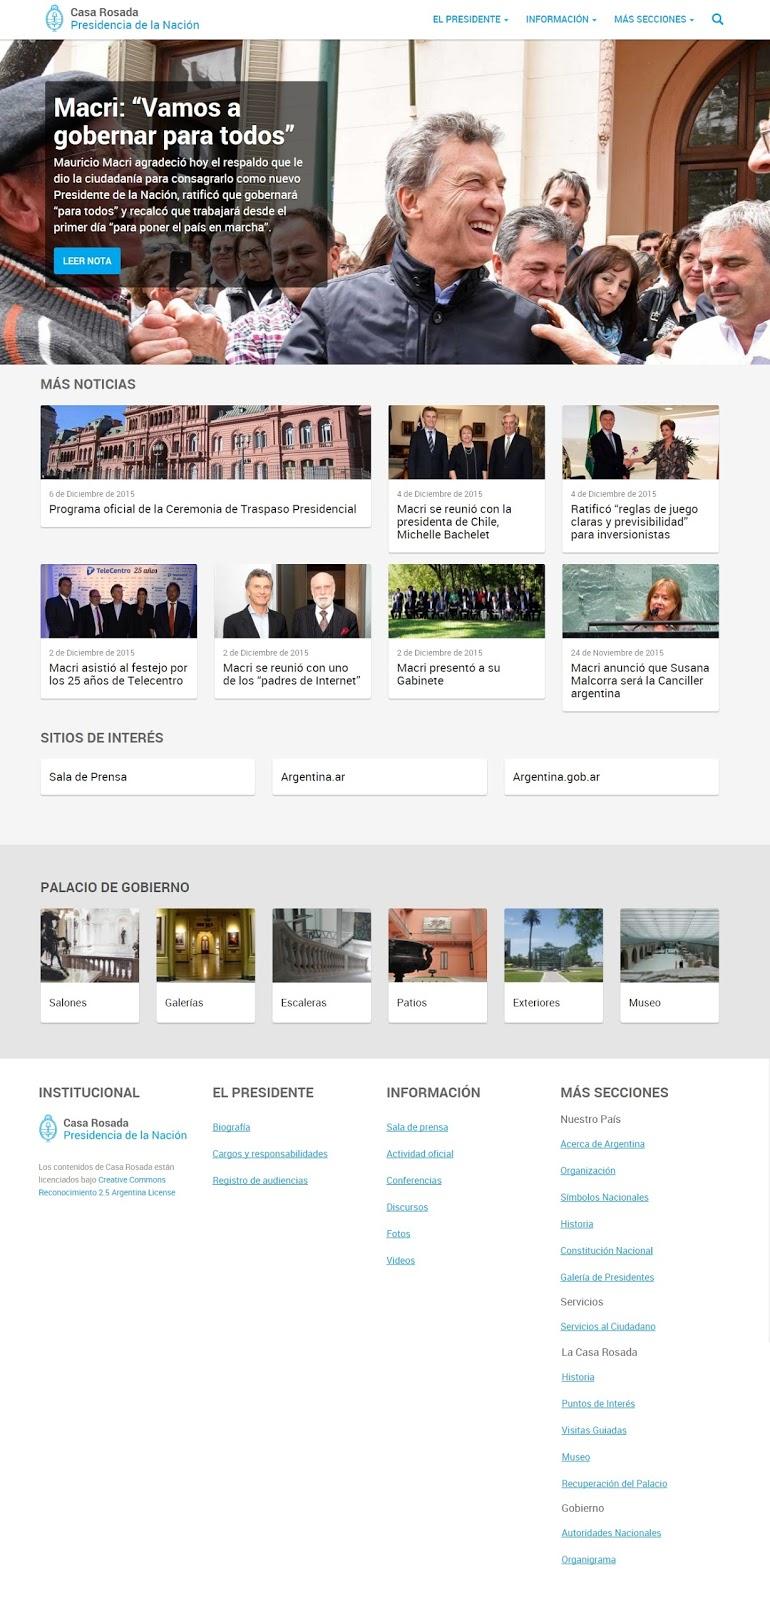 Seales wwwcasarosadagobar comienza una nueva etapa